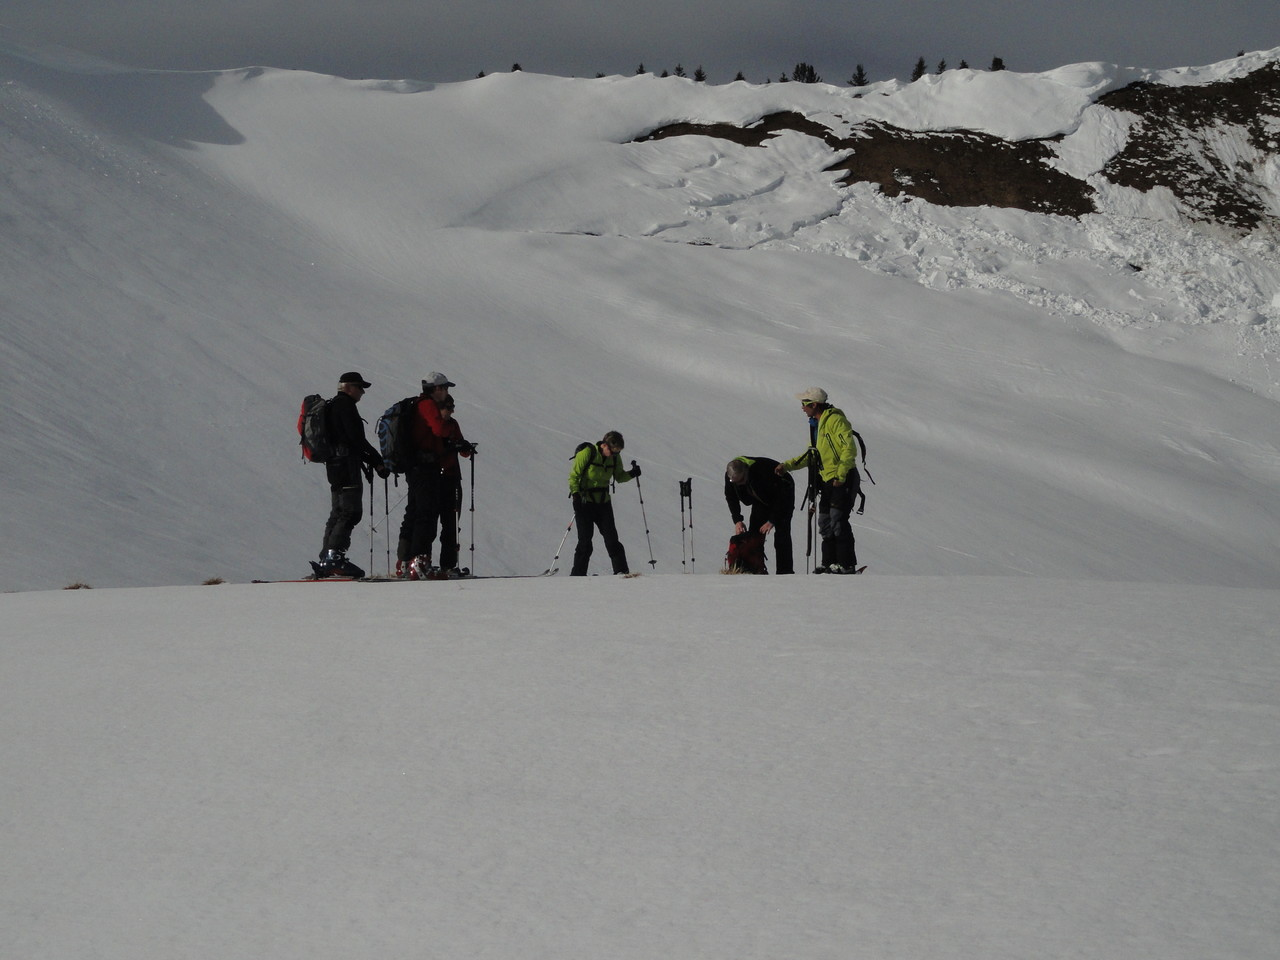 Tom mit seiner Gruppe